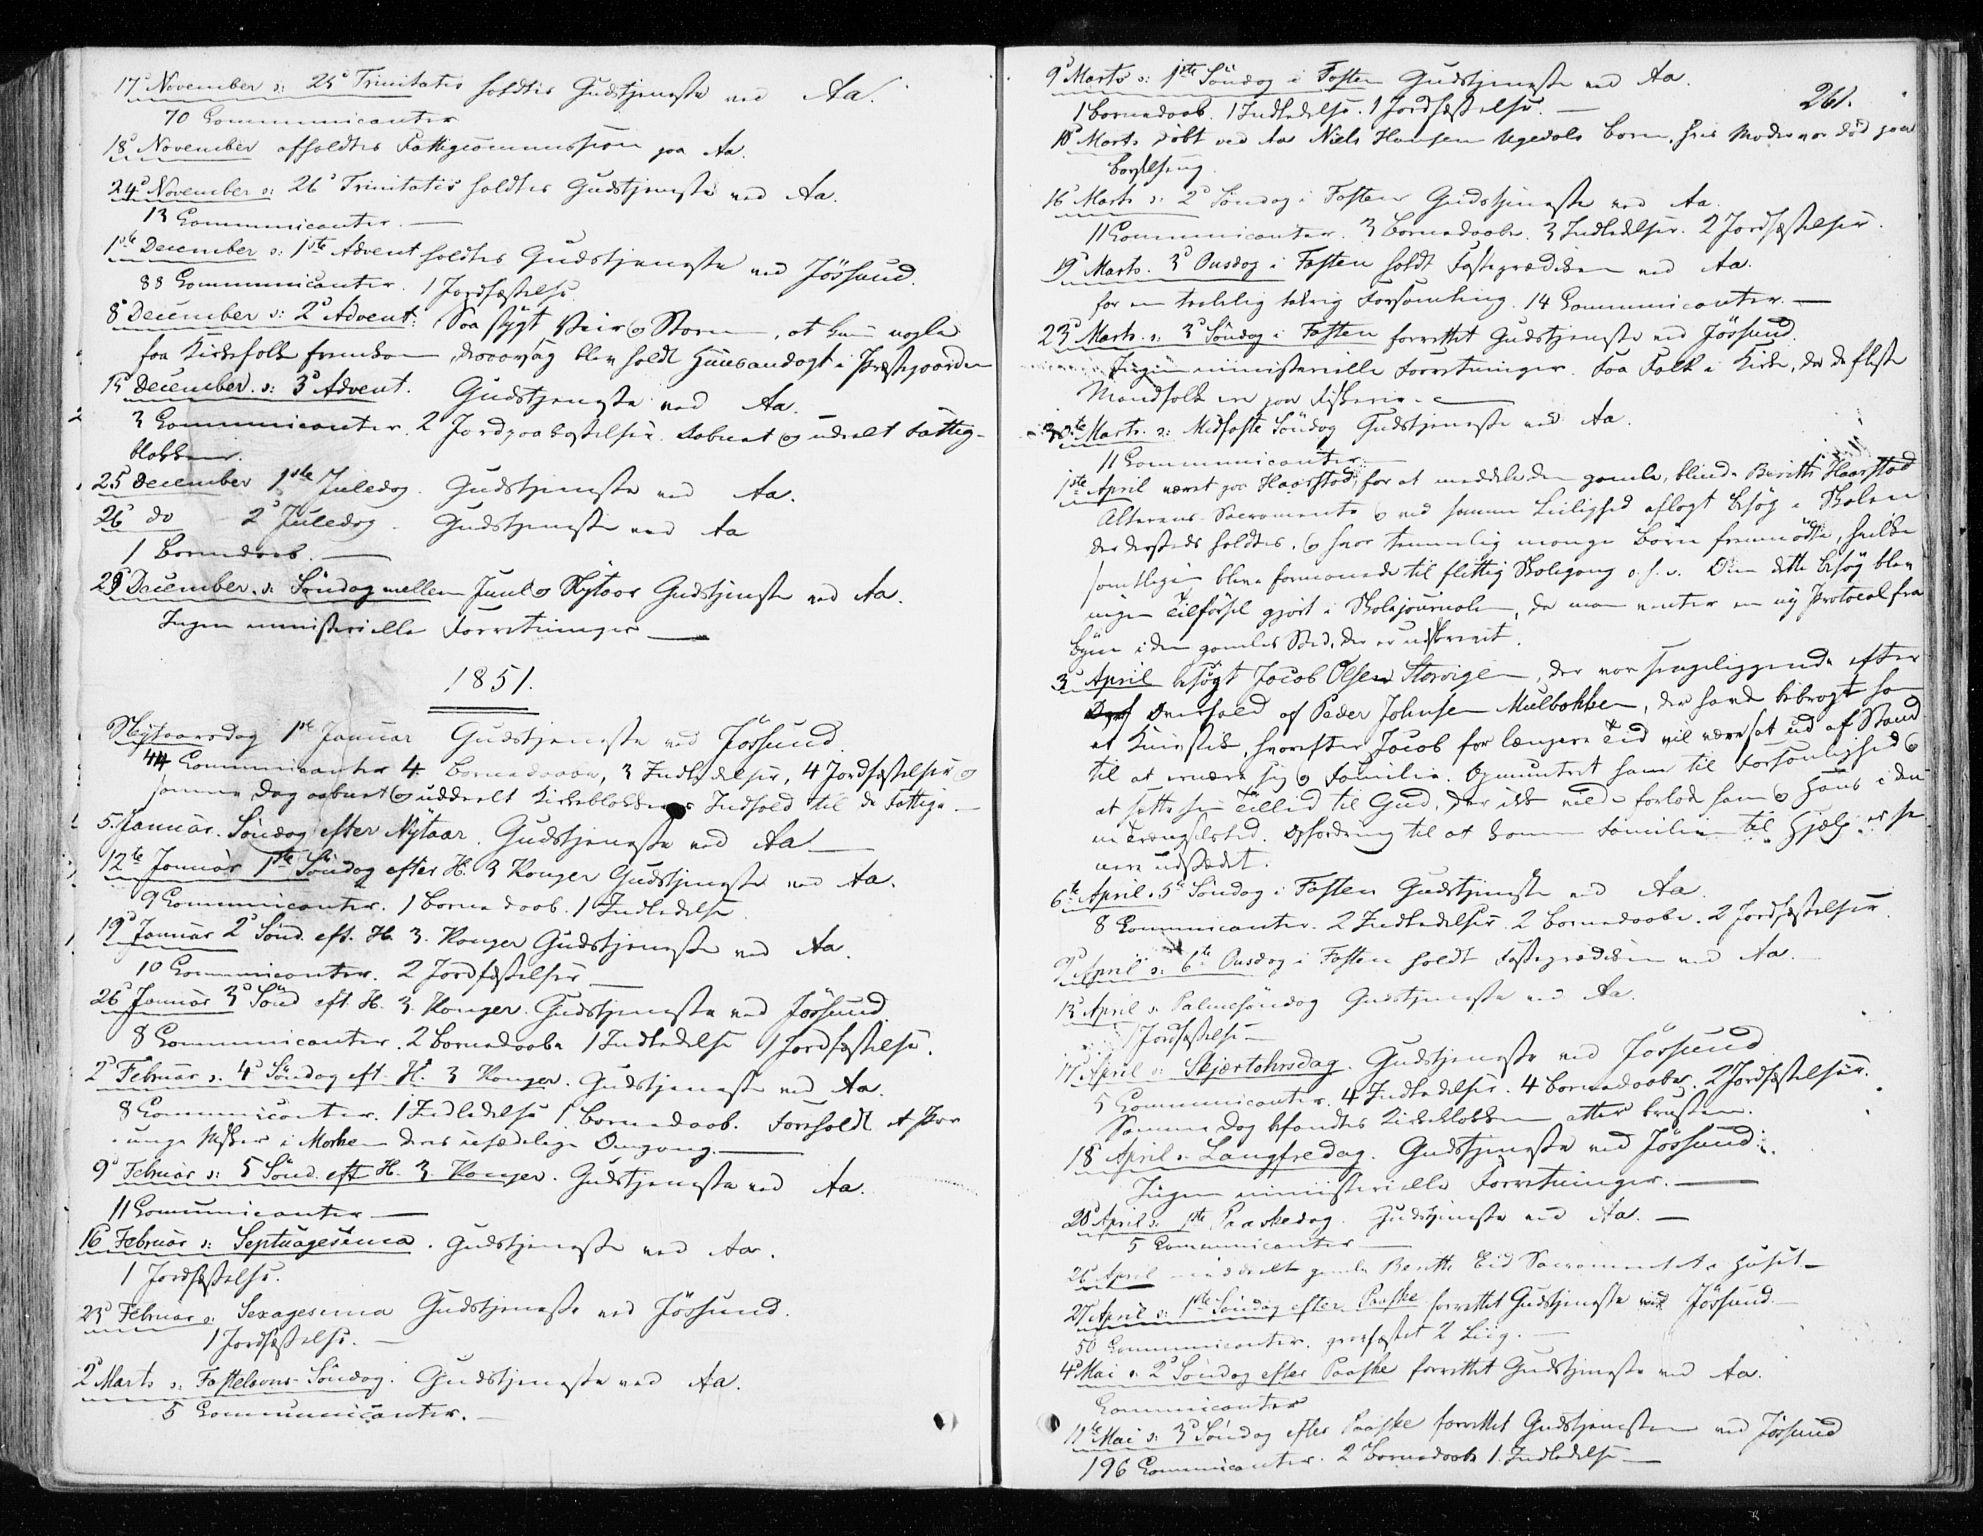 SAT, Ministerialprotokoller, klokkerbøker og fødselsregistre - Sør-Trøndelag, 655/L0677: Ministerialbok nr. 655A06, 1847-1860, s. 261